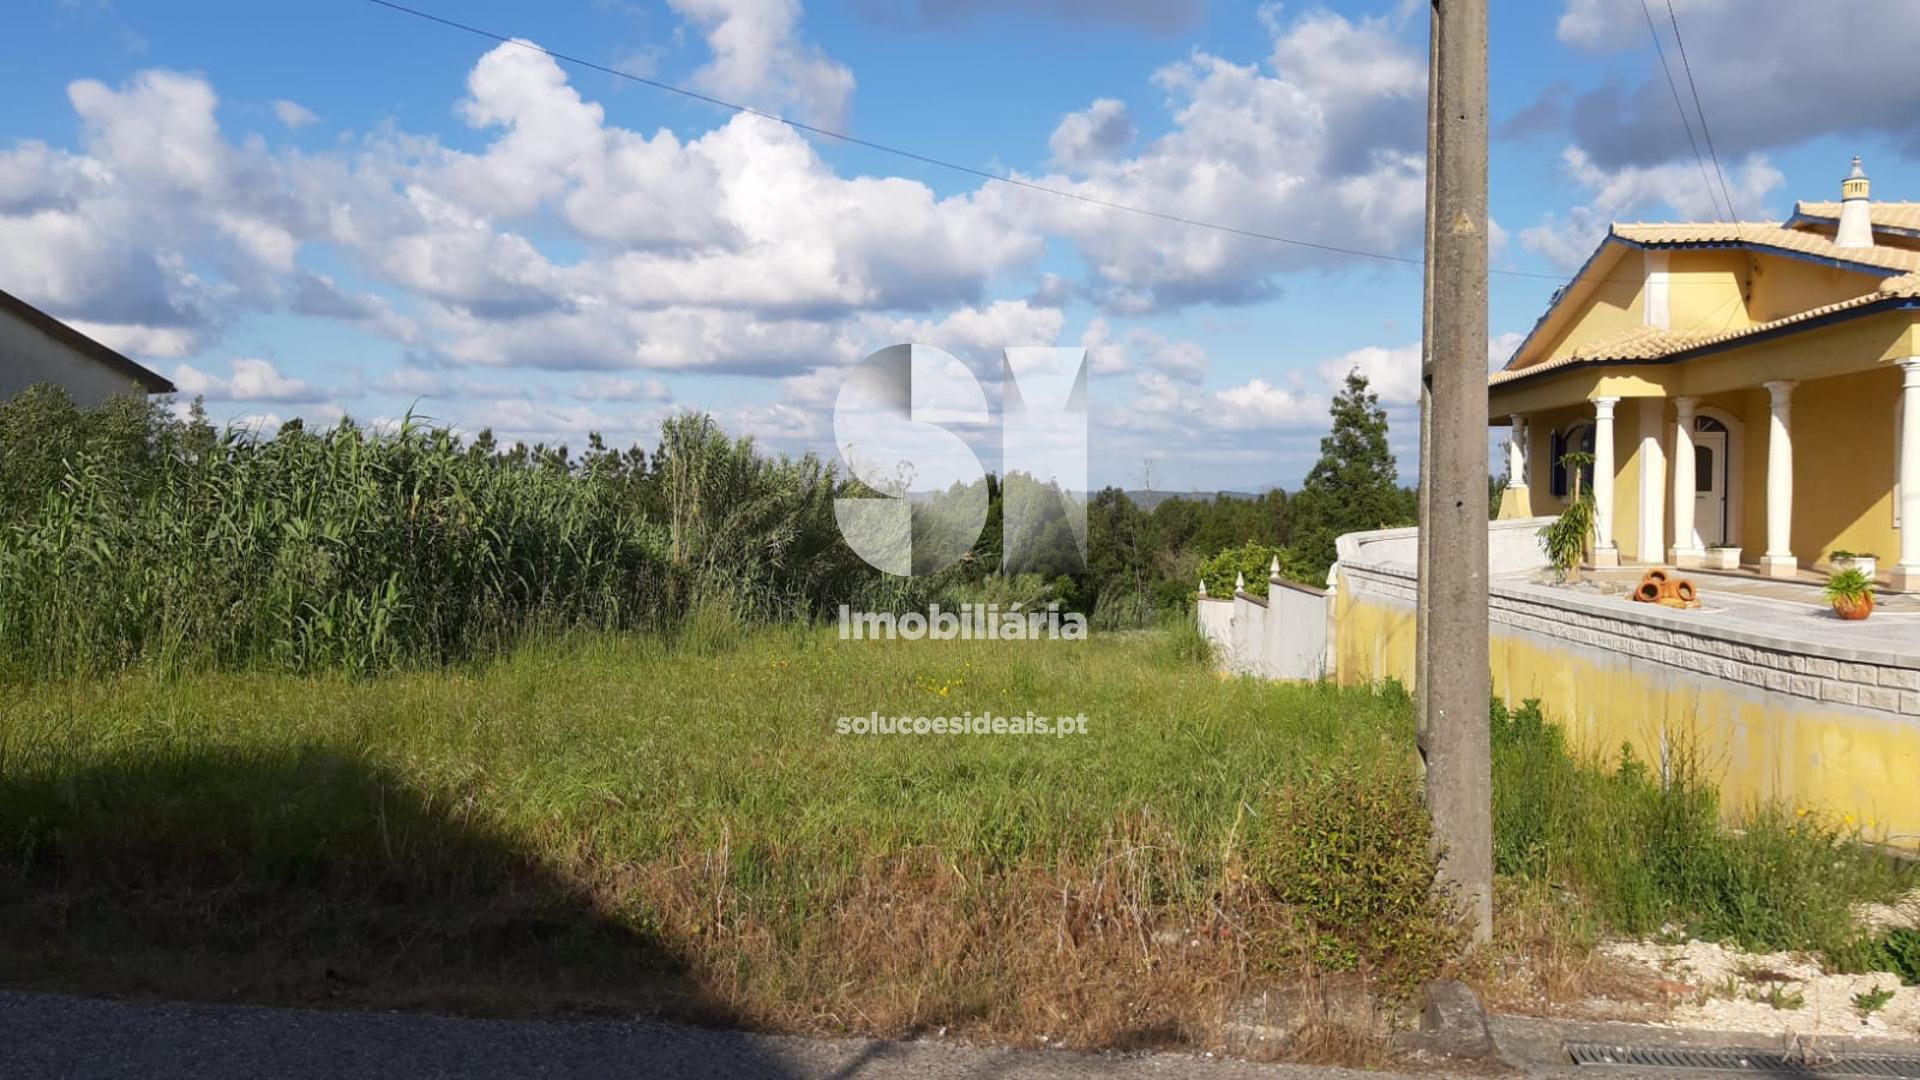 terreno para compra em figueira da foz paiao paiao PD582